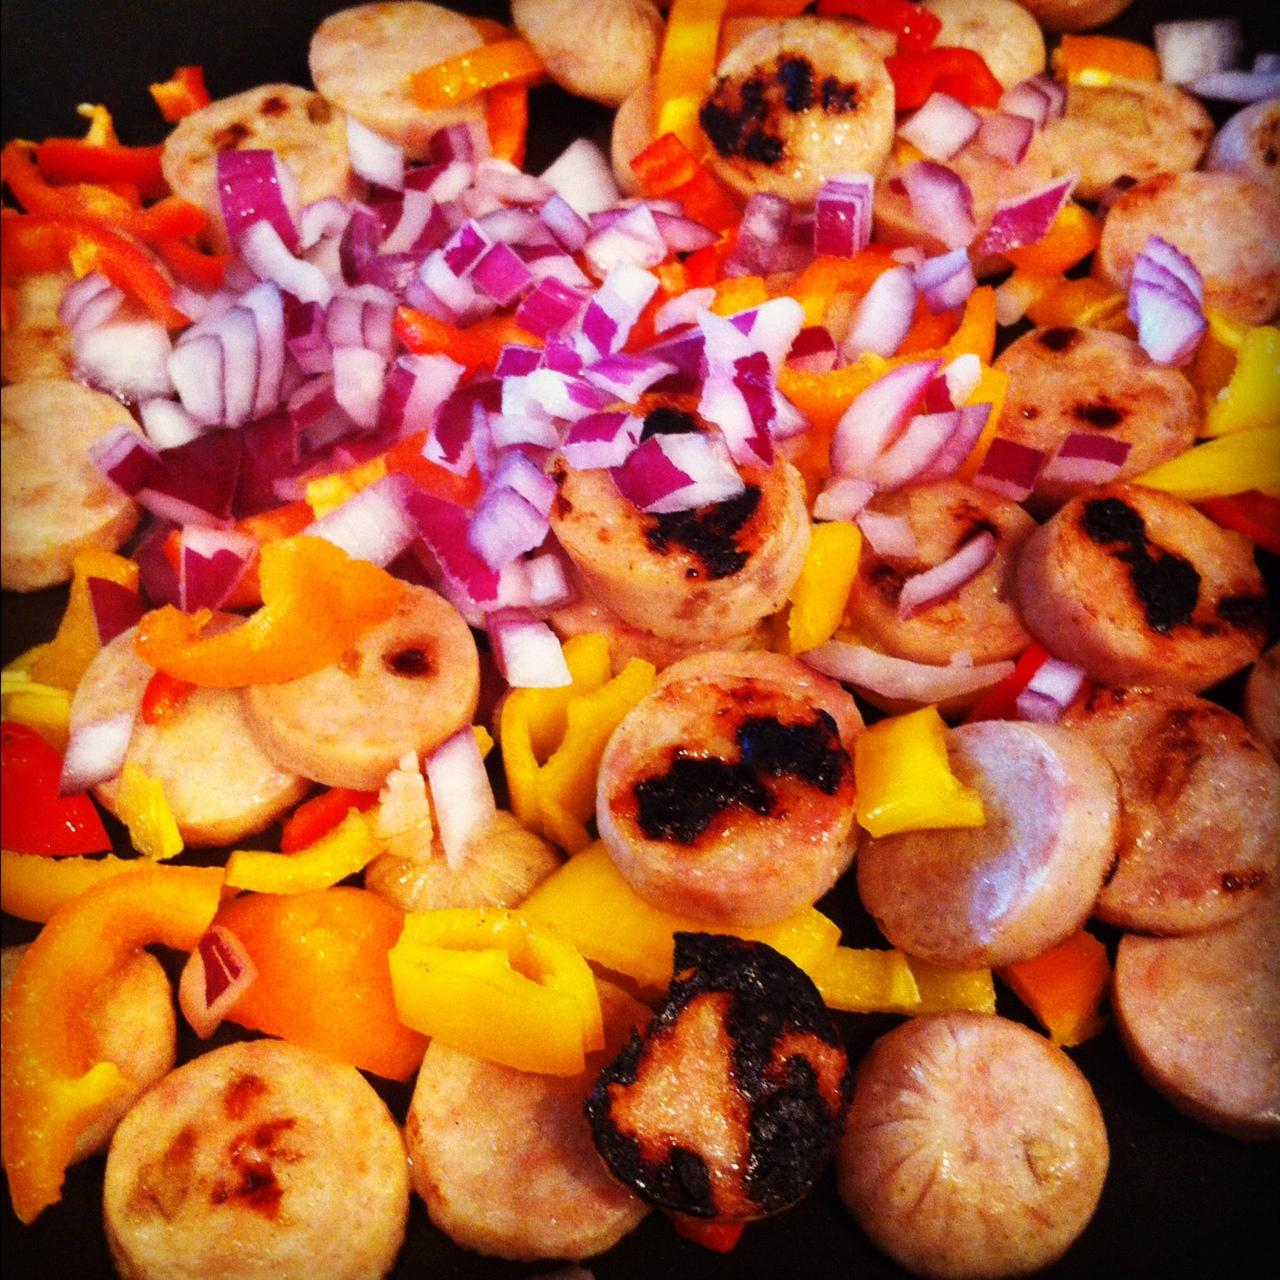 ... sausage burger calvados chicken apple sausage apple and calvados